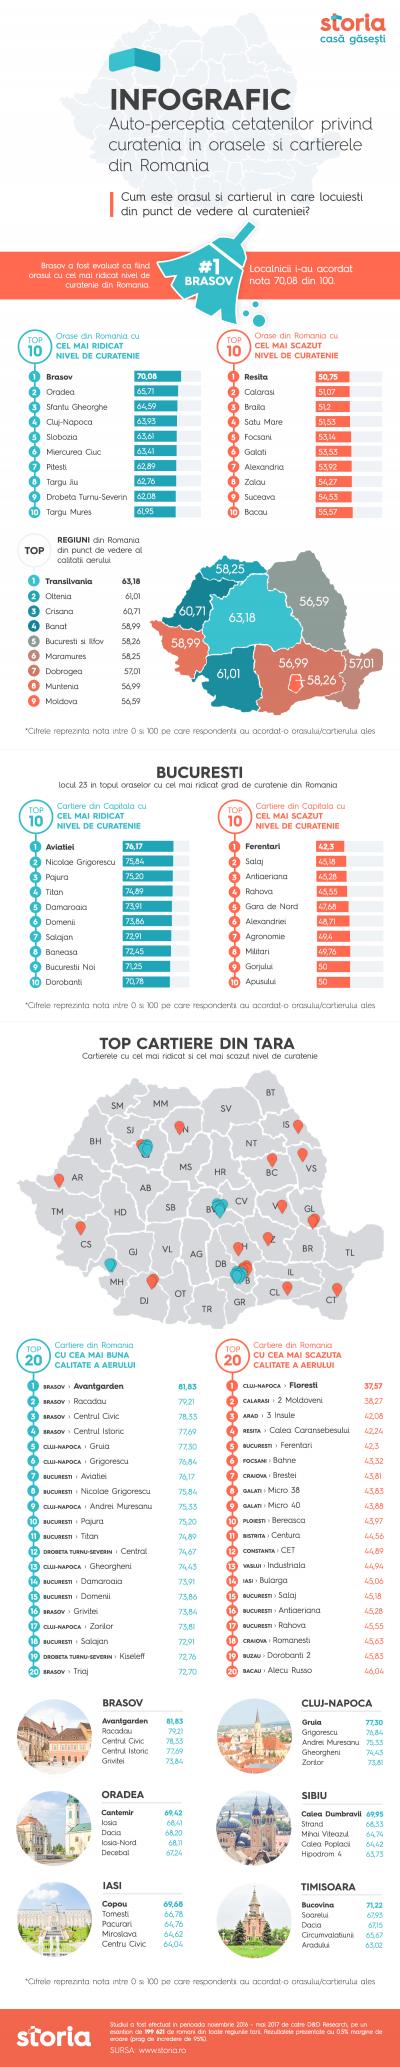 Storia.ro: Brasov, Oradea si Sfantul Gheorghe, desemnate cele mai curate orase din Romania